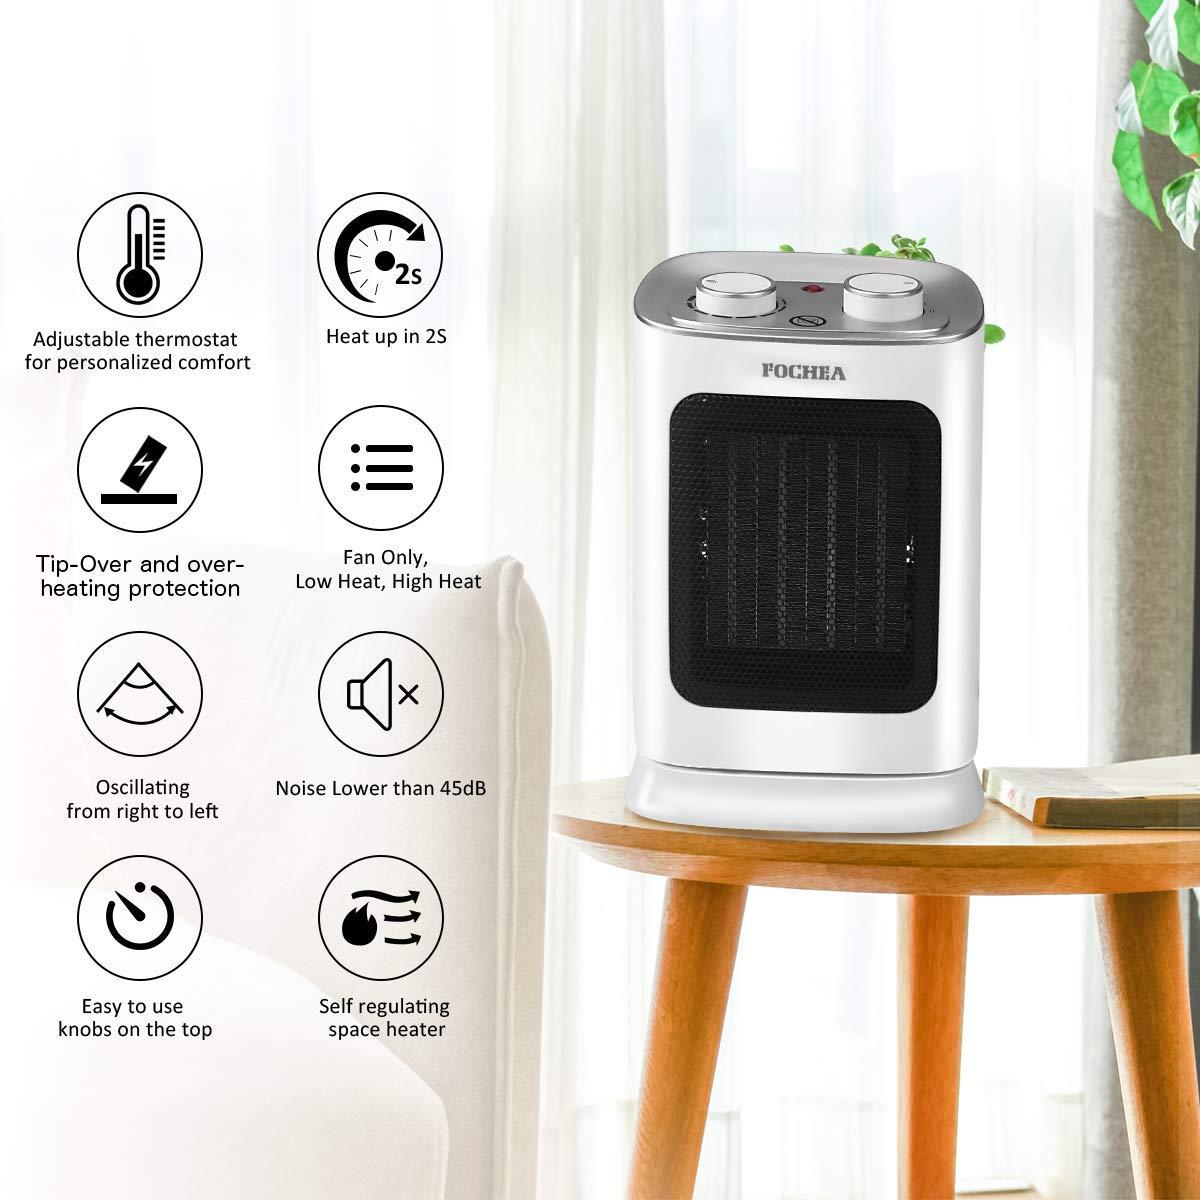 Bianco FOCHEA Termoventilatore 1800W 3 Livelli di Temperatura Stufa Elettrica Oscillante con Tecnologia Ceramica a Basso Consumo Energetico Silenzioso Potente e Compatto Termostato Ambiente